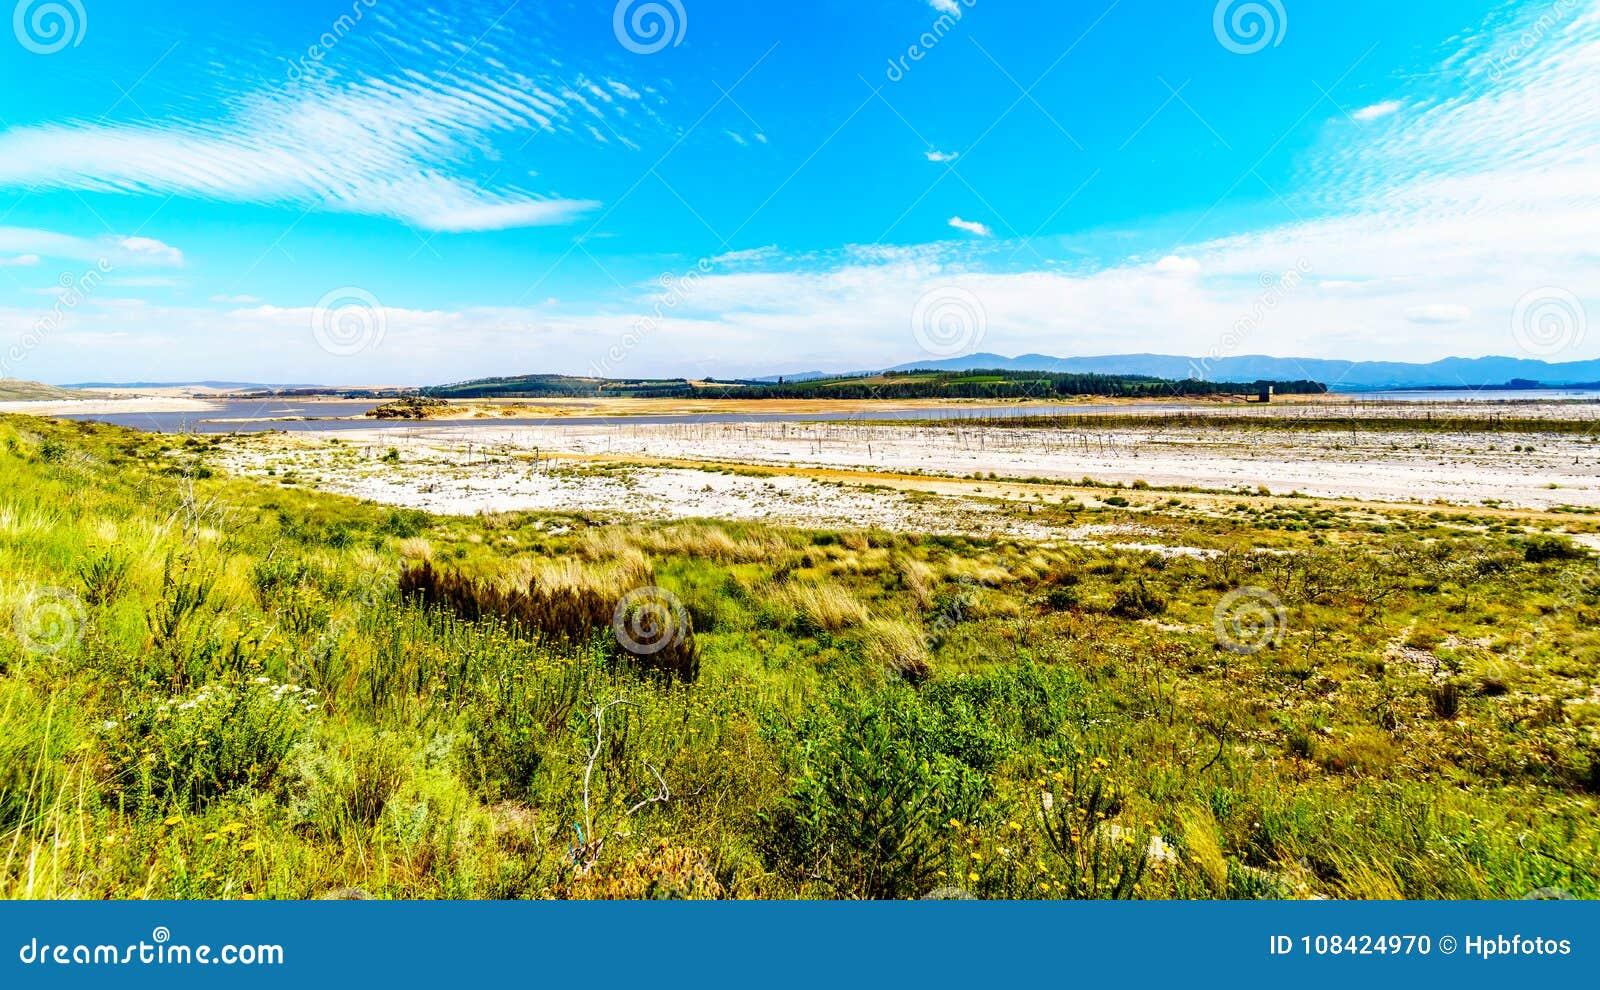 Estremamente - basso livello dell acqua nella diga di Theewaterkloof che è una fonte importante per il rifornimento idrico a Cape